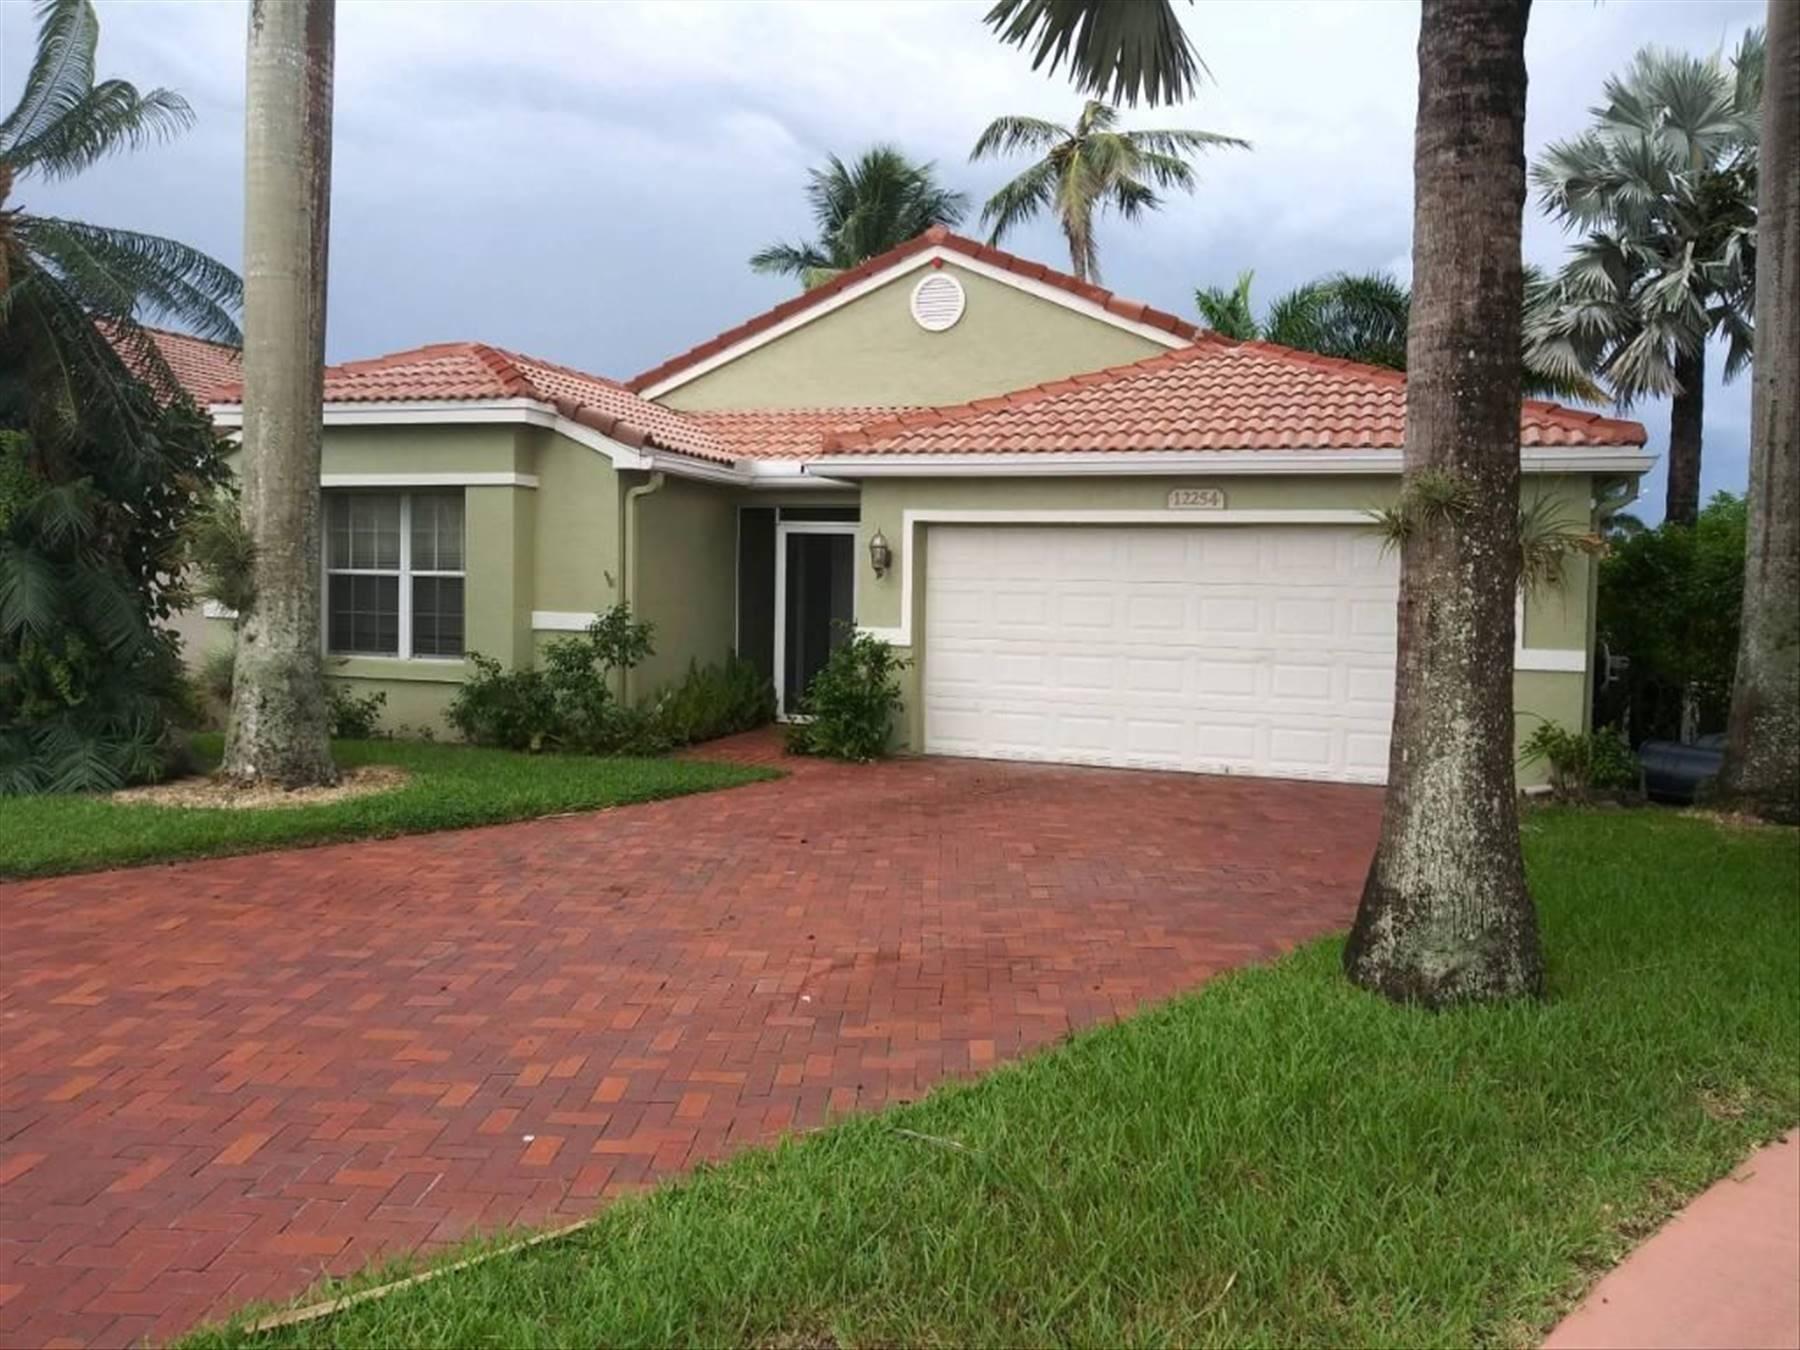 12254 Pleasant Green Way, Boynton Beach, FL 33437 - #: RX-10648172